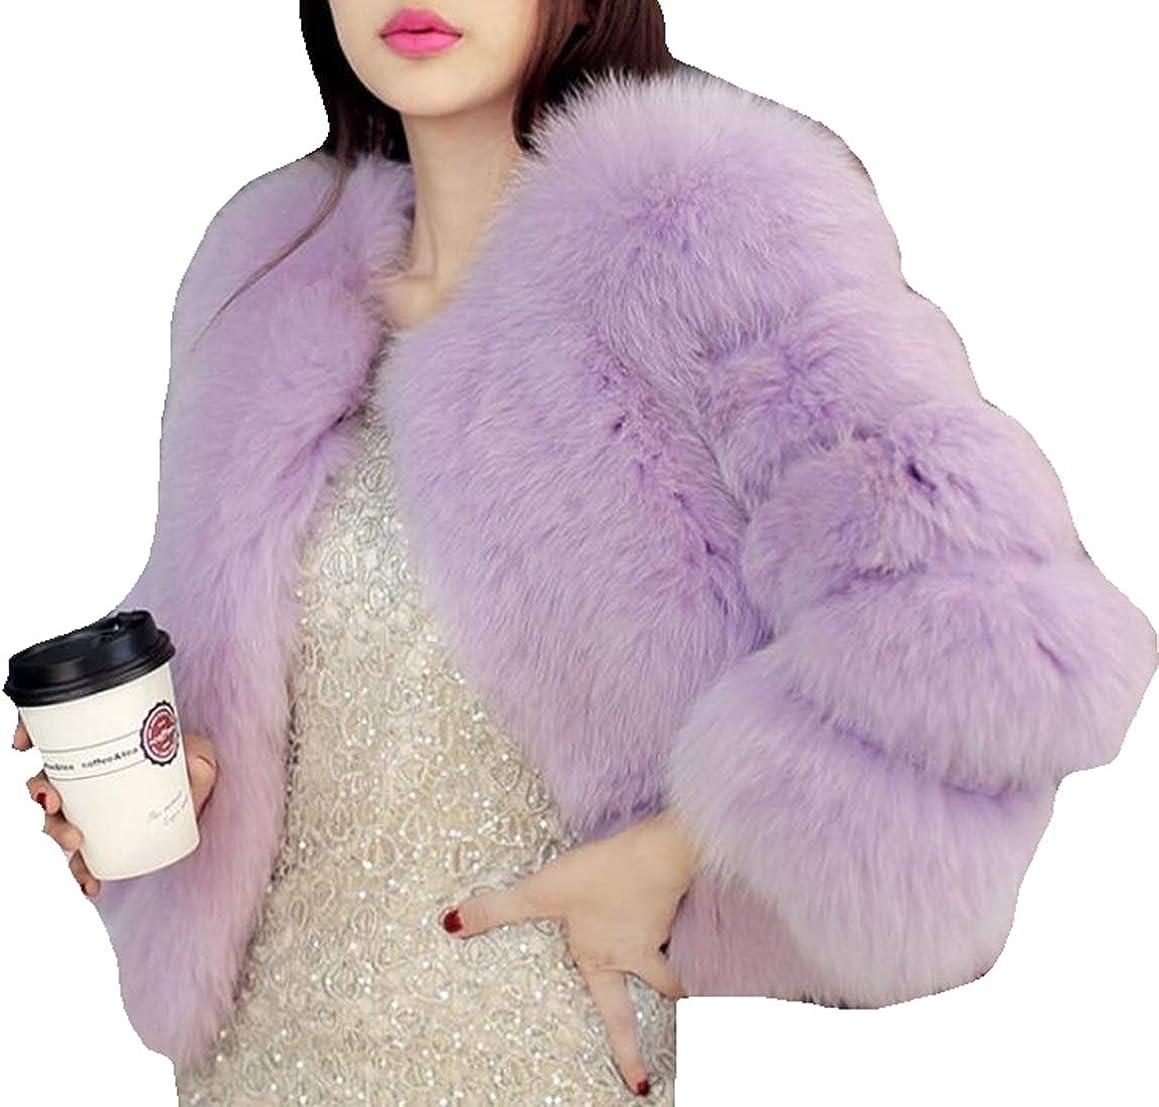 Simplee Women Luxury Winter Warm Fluffy Faux Fur Short Coat Jacket Parka Outwear